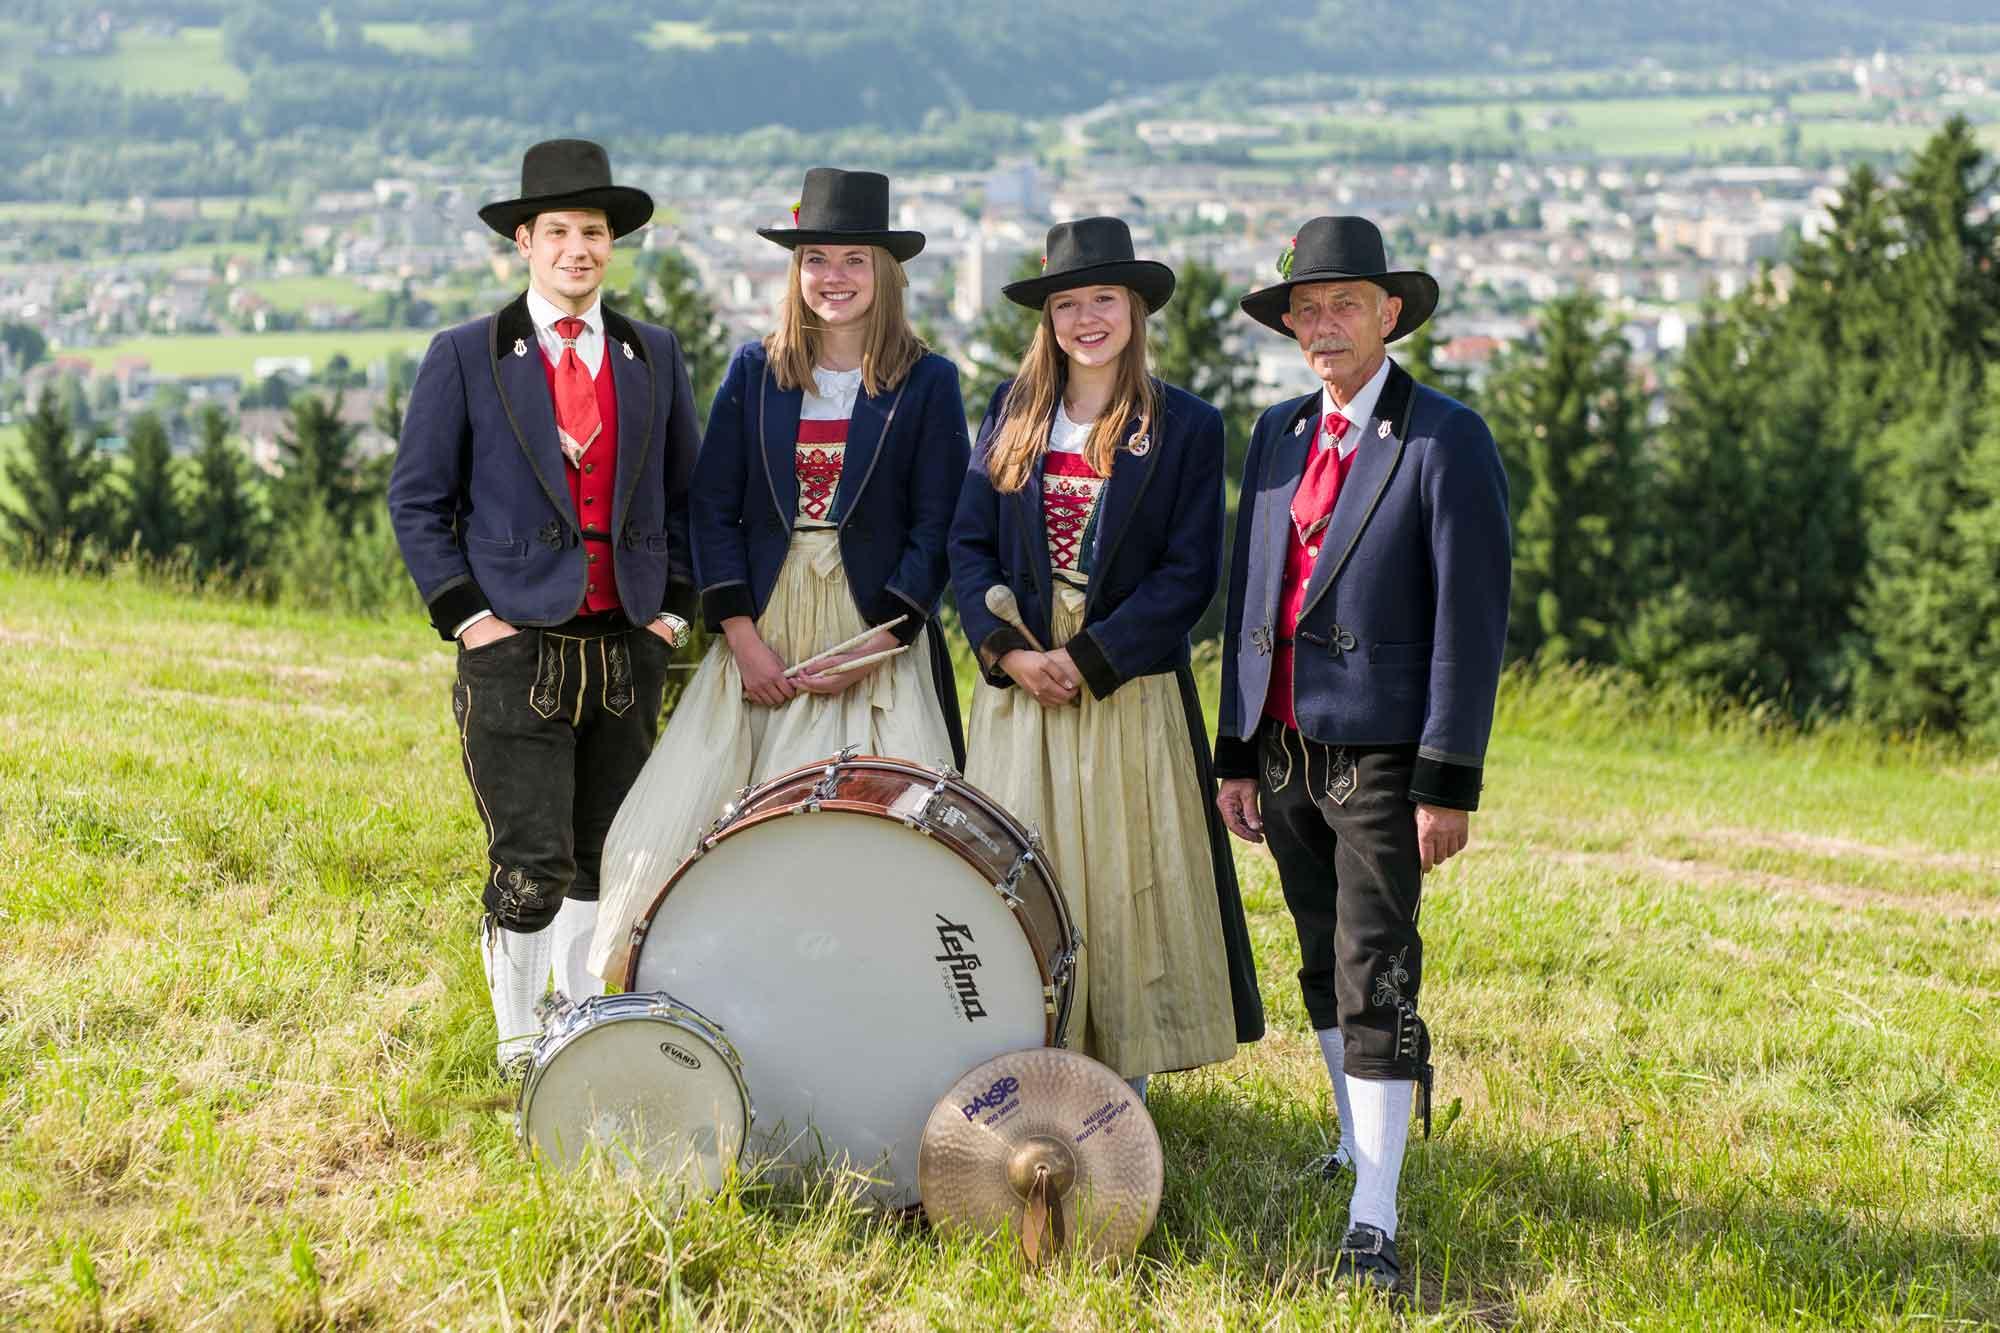 Schlagzeug: Alexander Biechl, Caroline Ebner, Elisabeth Widauer, Hannes Preuner